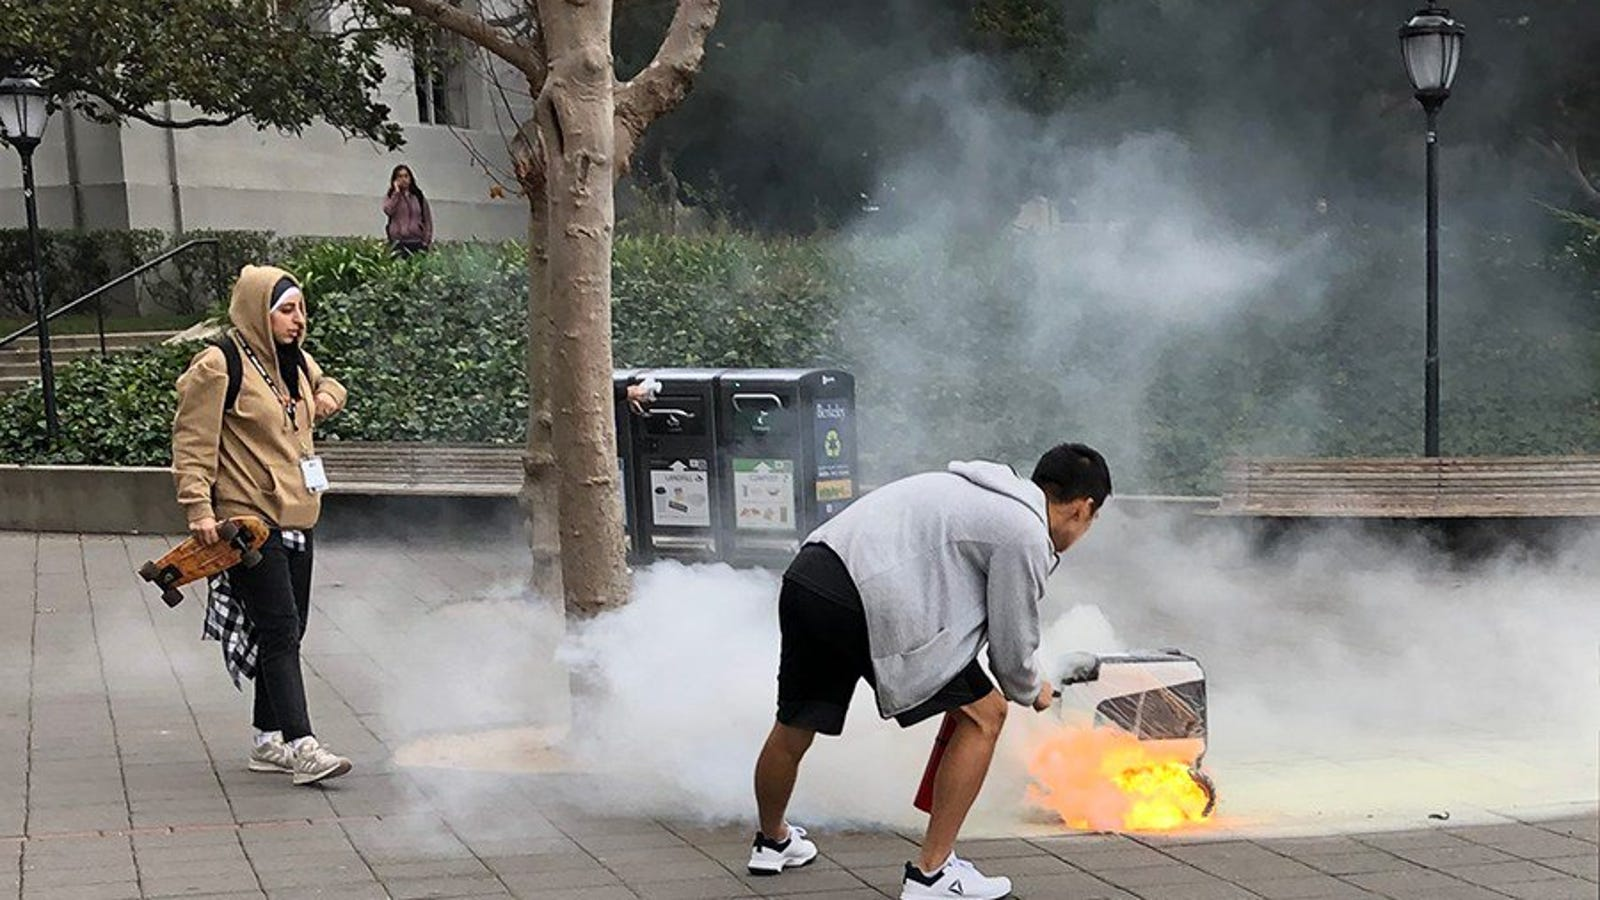 Un robot mensajero se enciende en llamas de manera espontánea mientras hacía una entrega en Estados Unidos